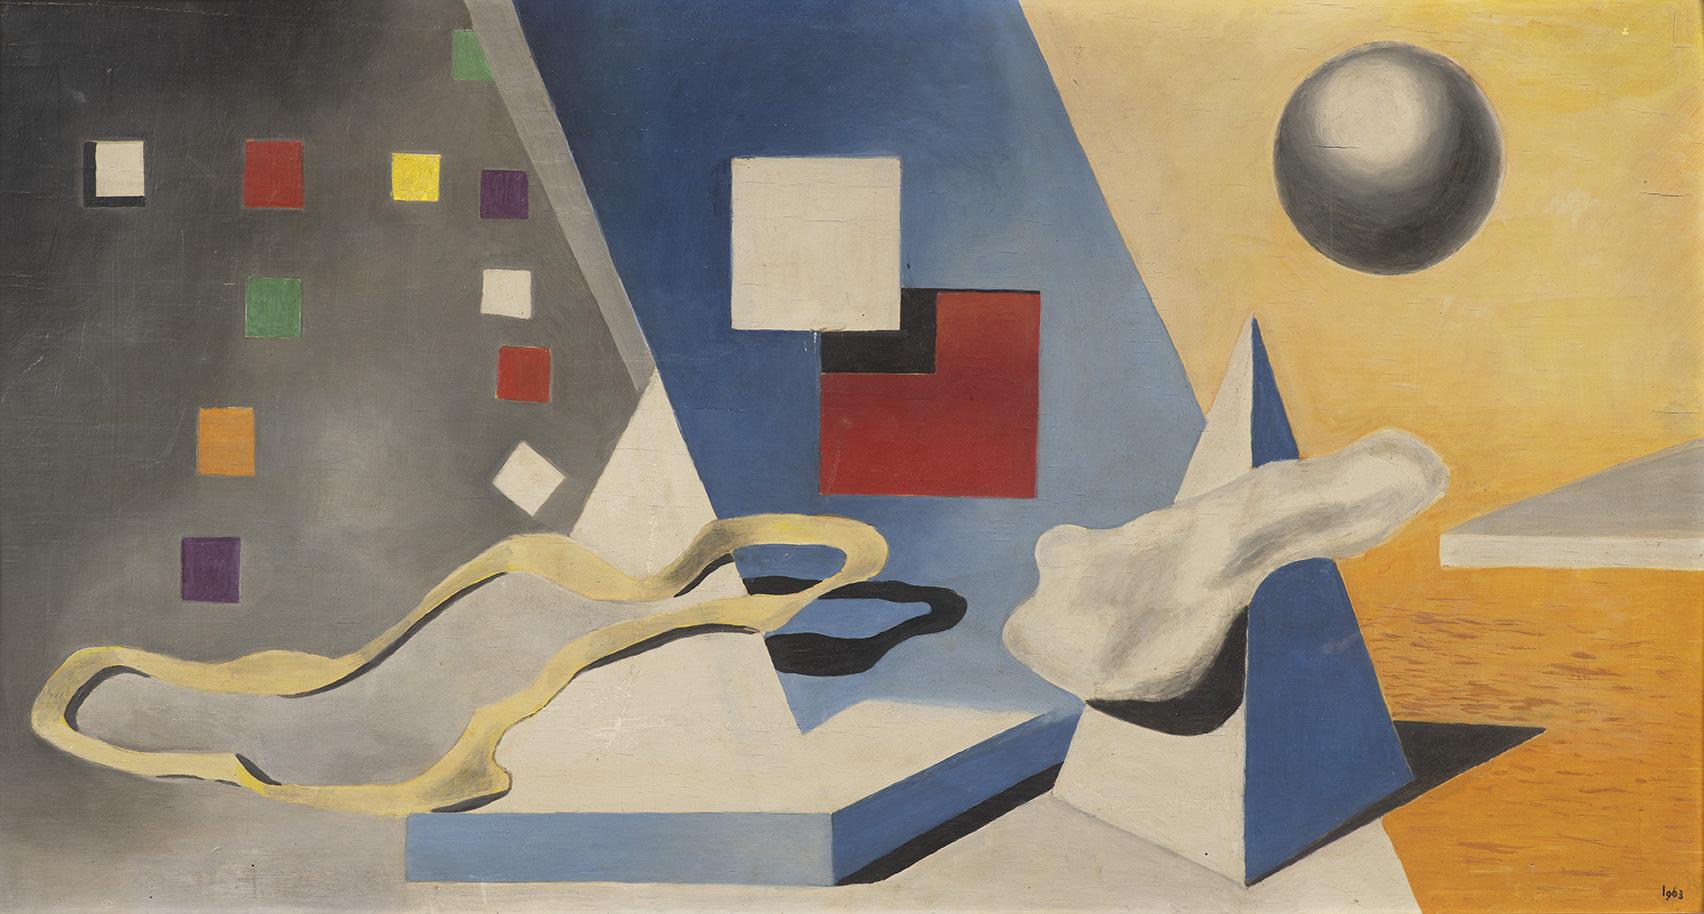 frantisek-maria-cerny-1963-arthouse-hejtmanek